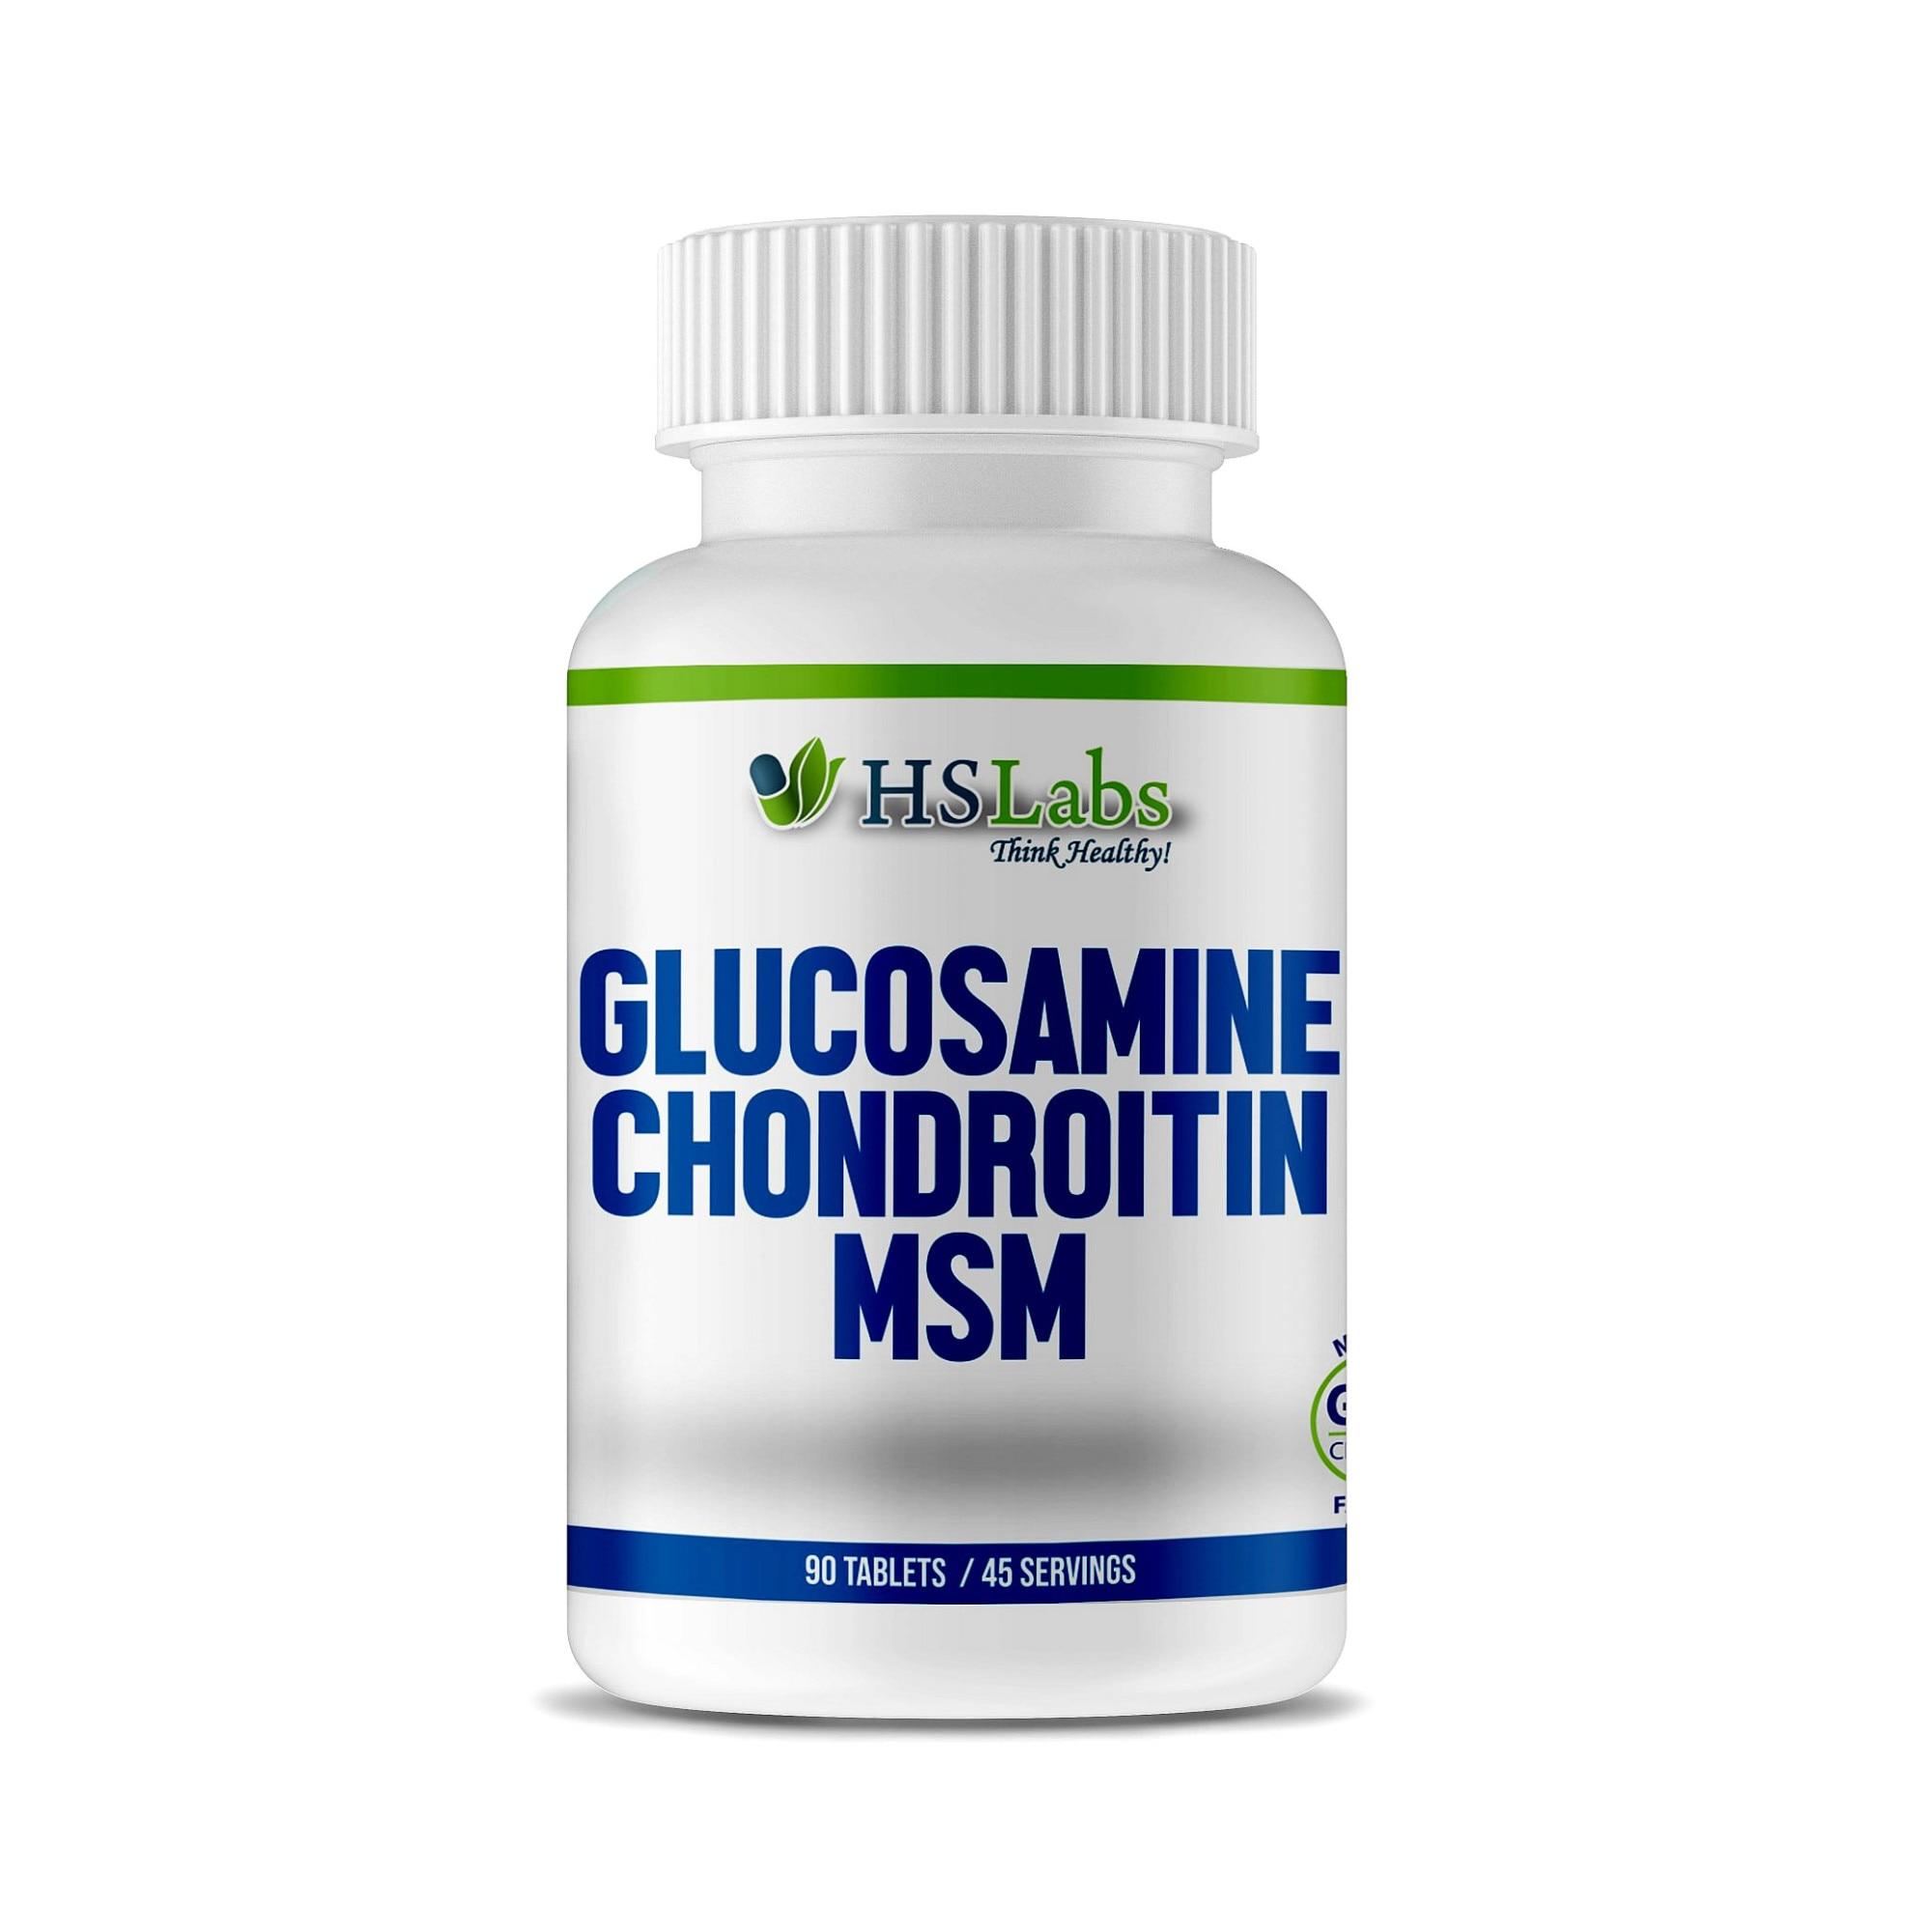 sisteme de alimentare glucosamină condroitină